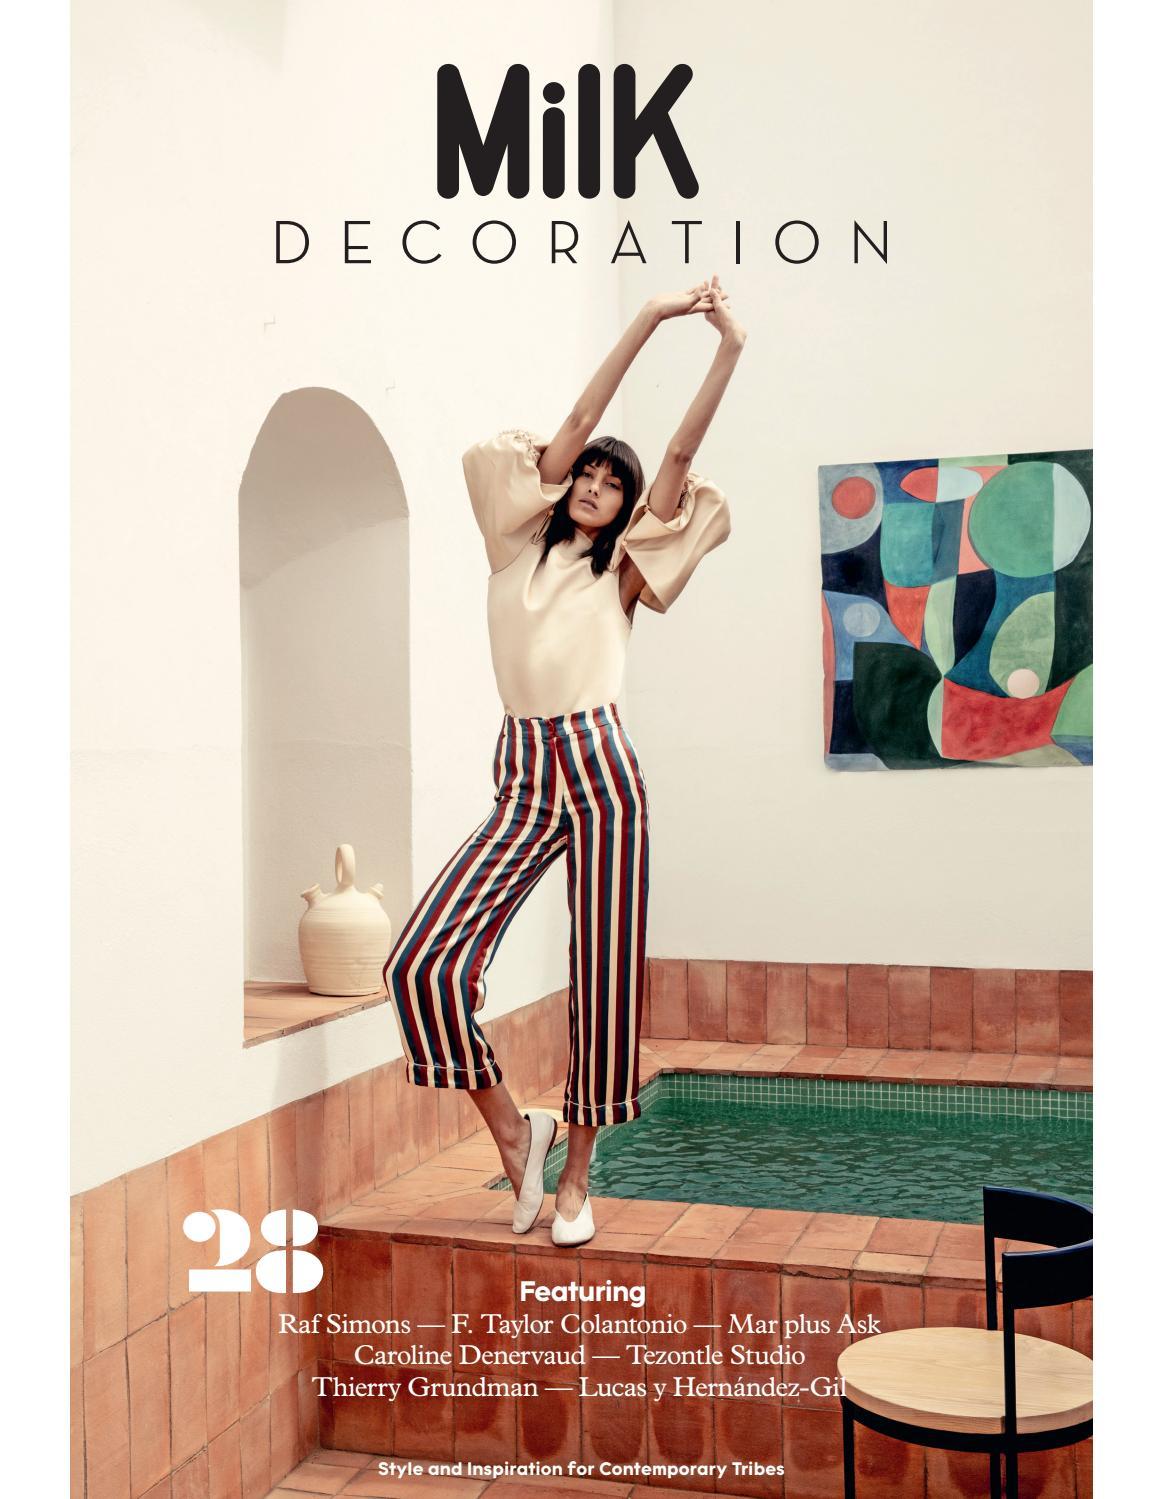 Duo De Couleurs Déco milk decoration 28 - uk previewmilk - issuu